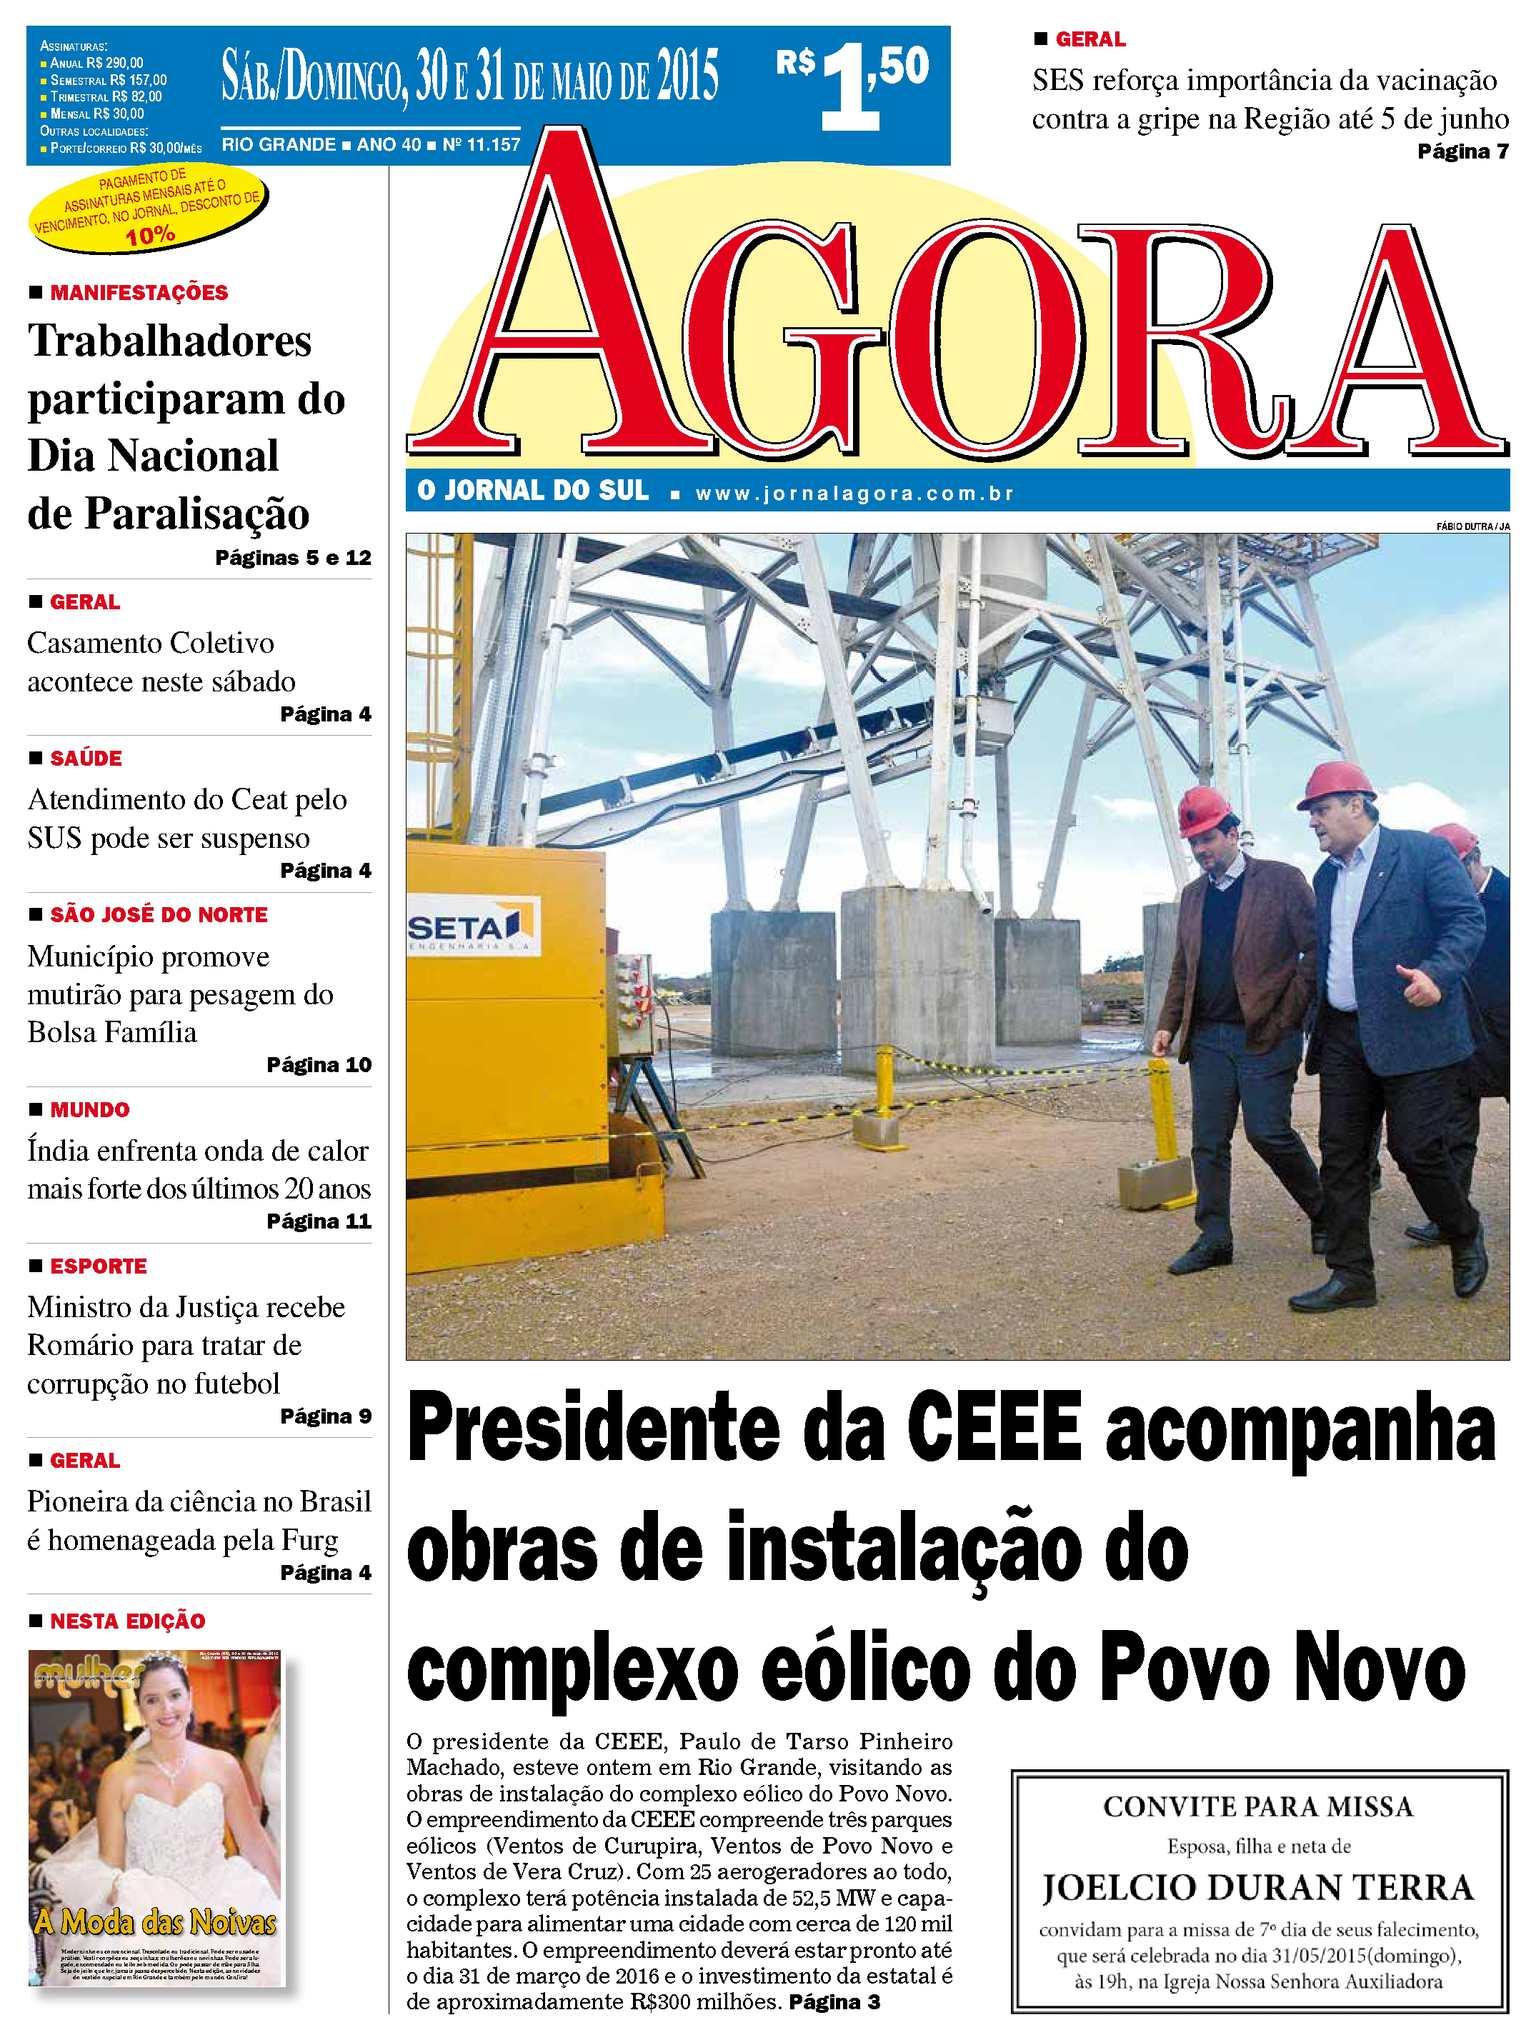 7f086481e0 Calaméo - Jornal Agora - Edição 11157 - 30 e 31 de Maio de 2015